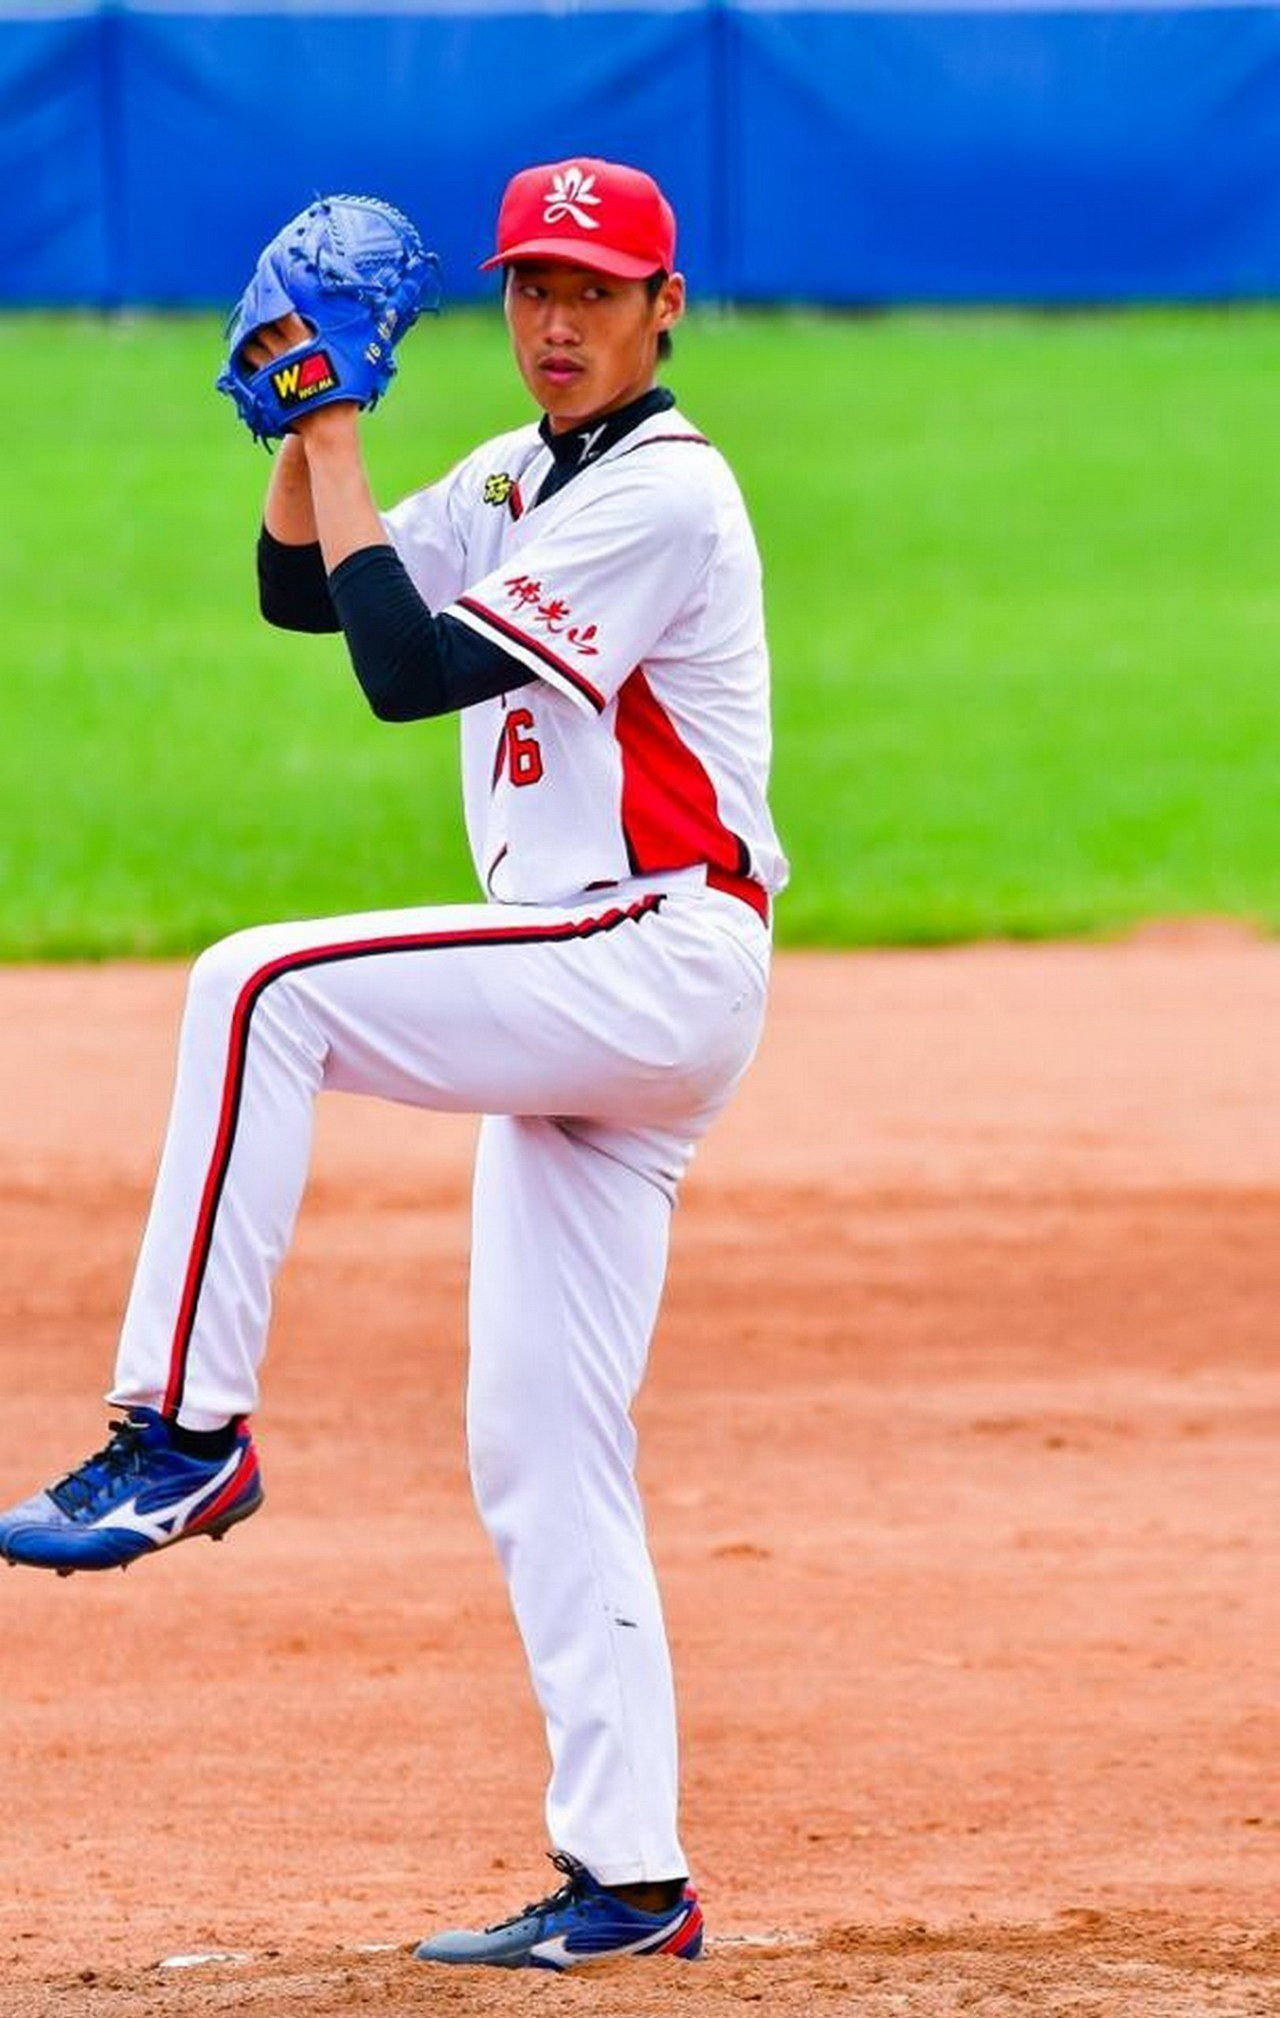 南華大學棒球隊投手翁瑋均獲Lamigo桃猿隊於第一輪指名。圖/南華大學提供